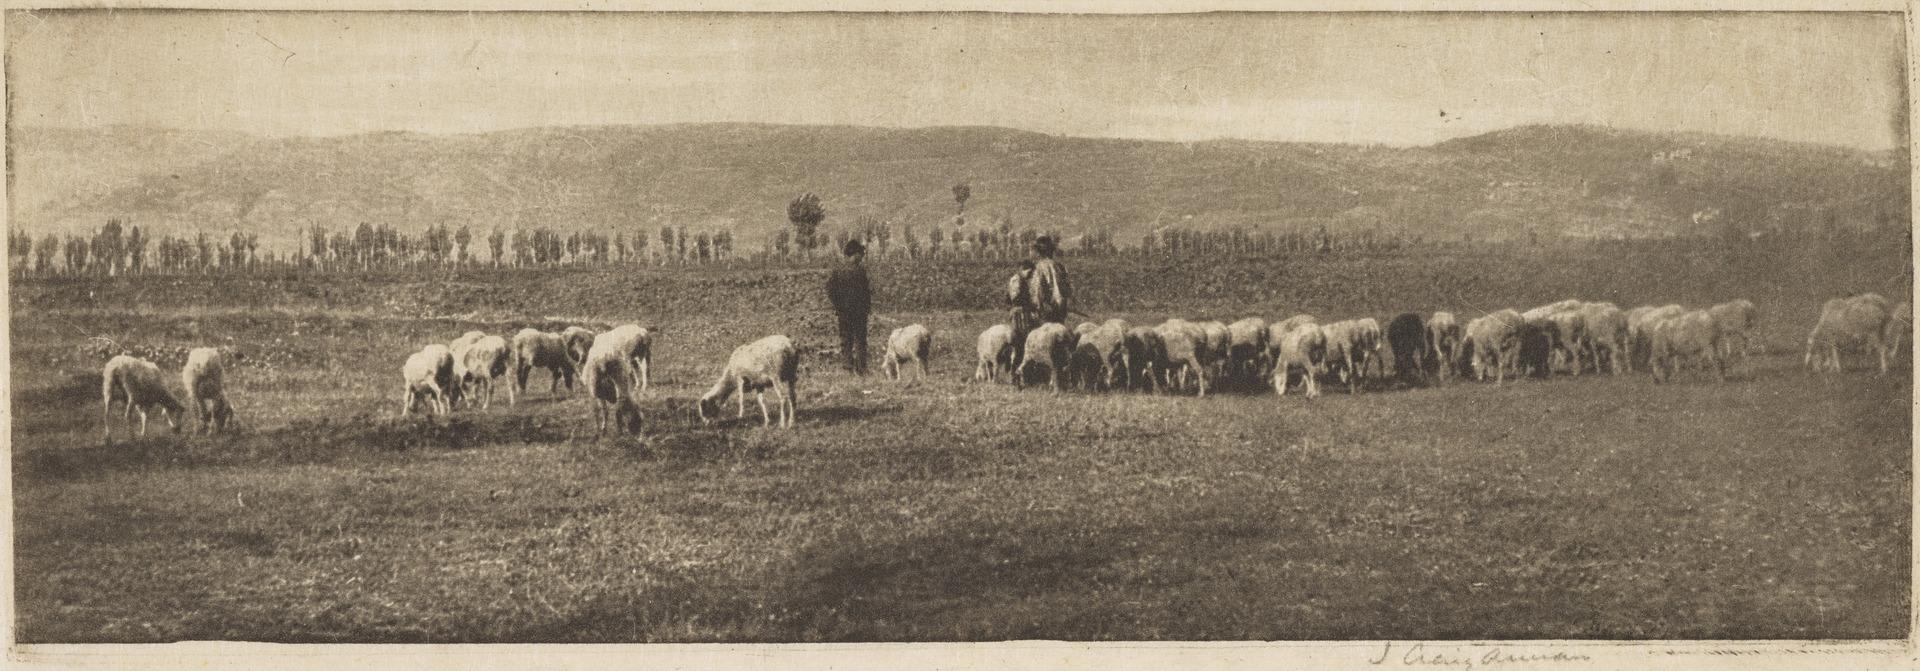 1894. Ломбардийская пастораль